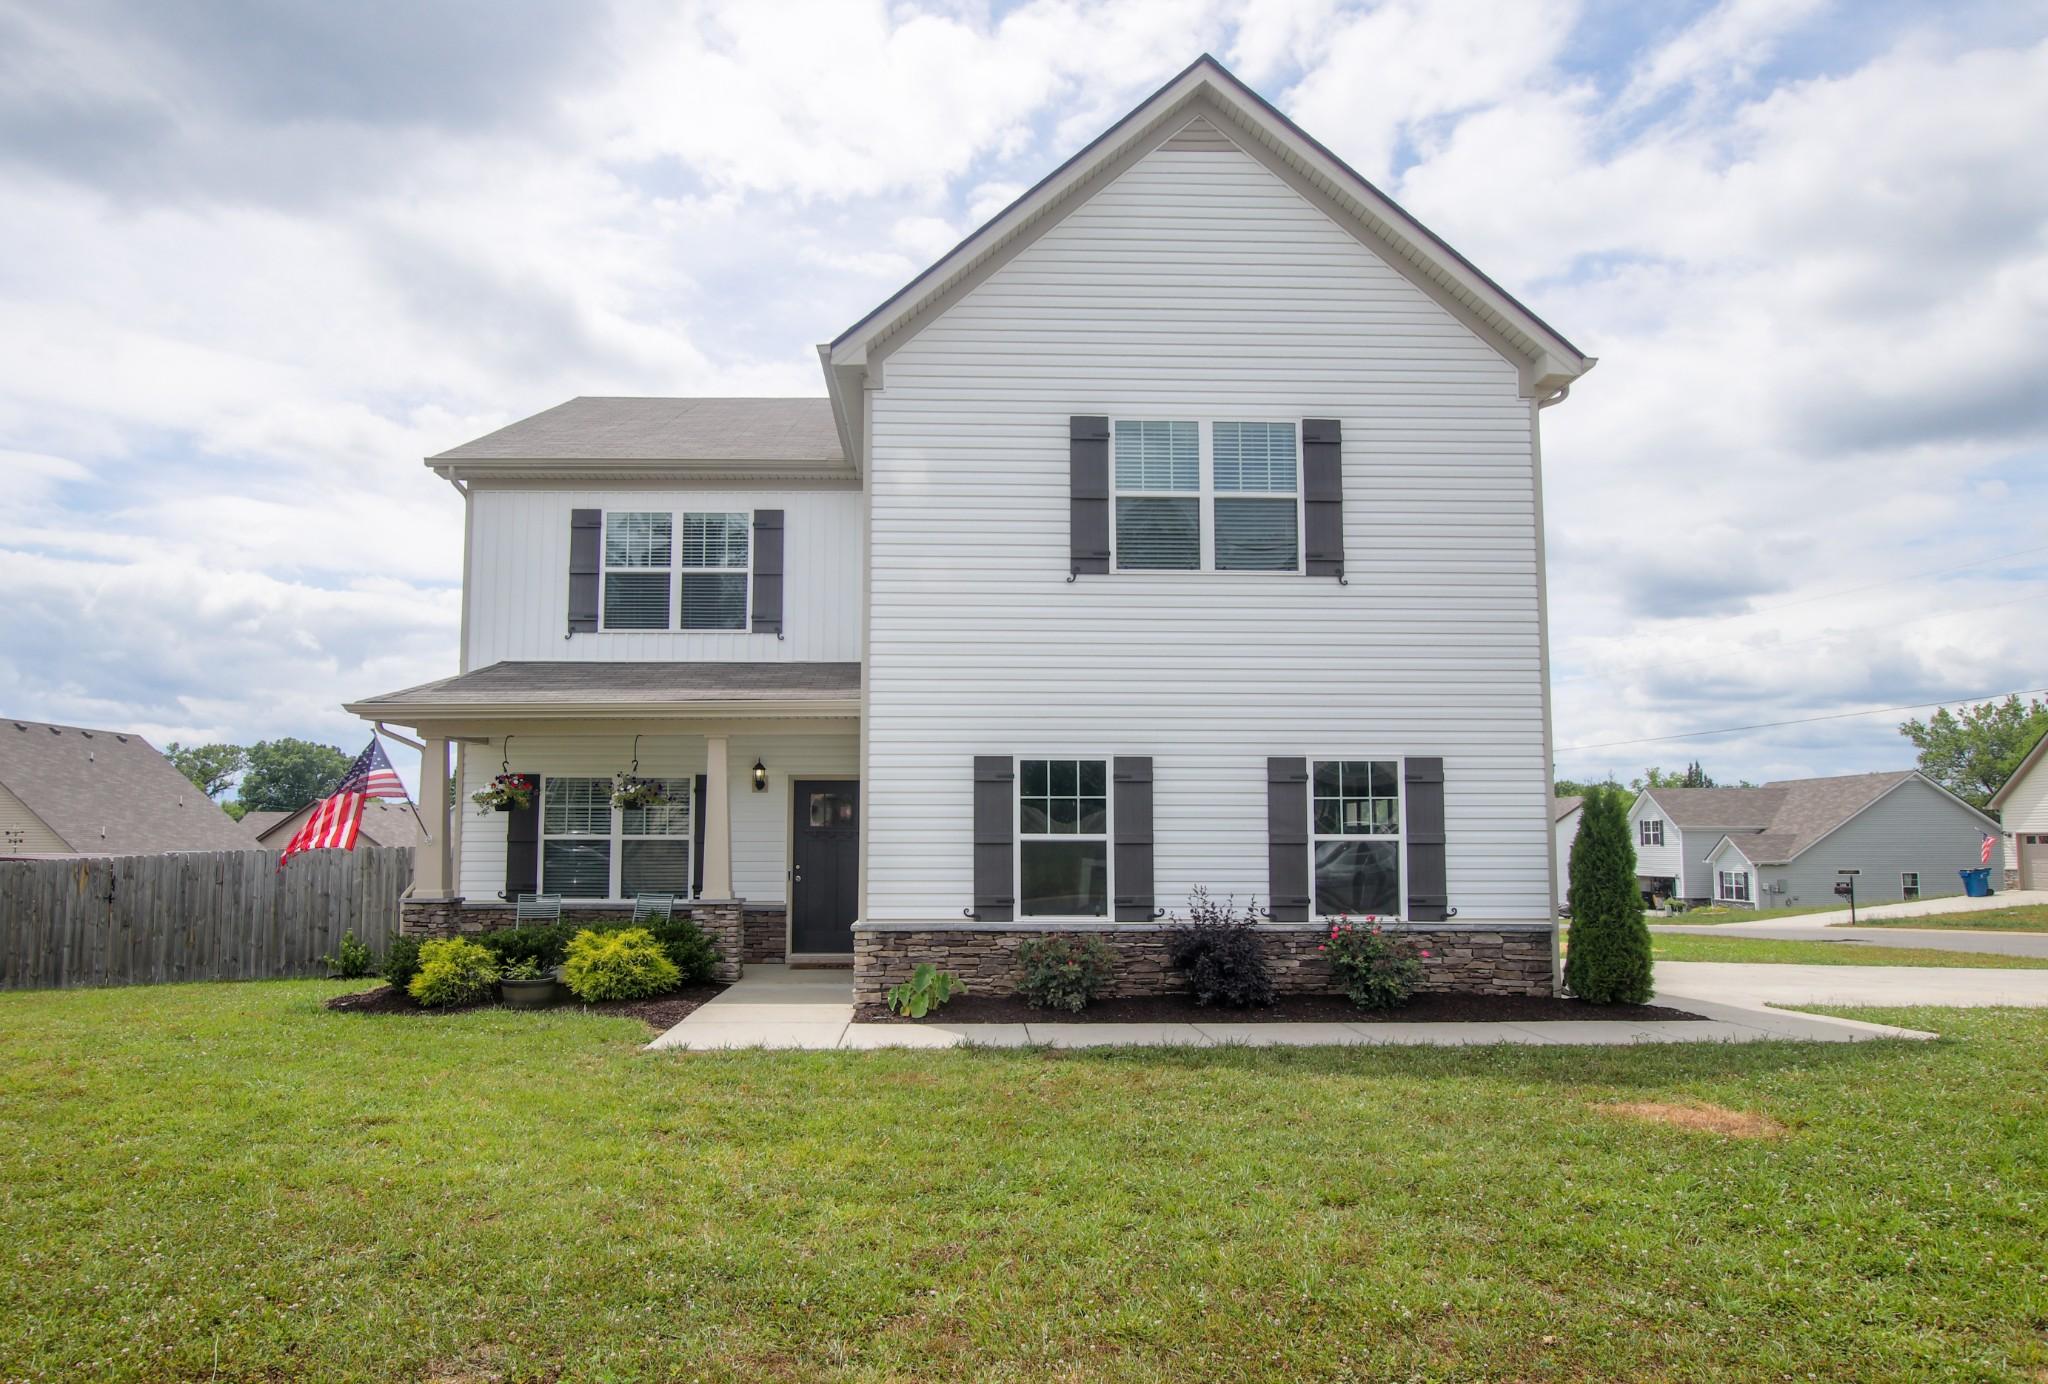 1413 Halverson Dr Property Photo - Murfreesboro, TN real estate listing